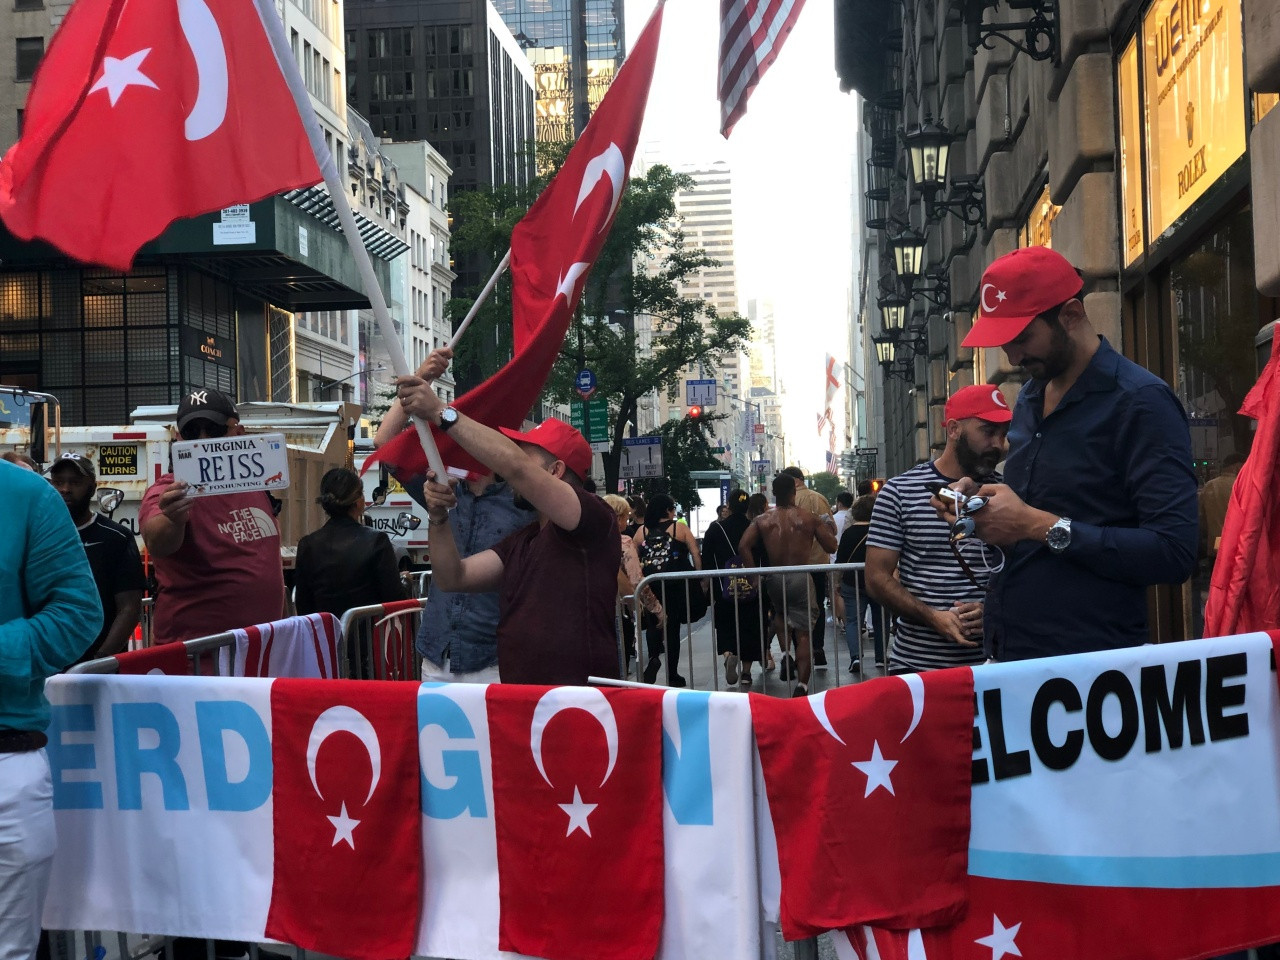 erdogan-siyasetcafe-abd7-001.jpg